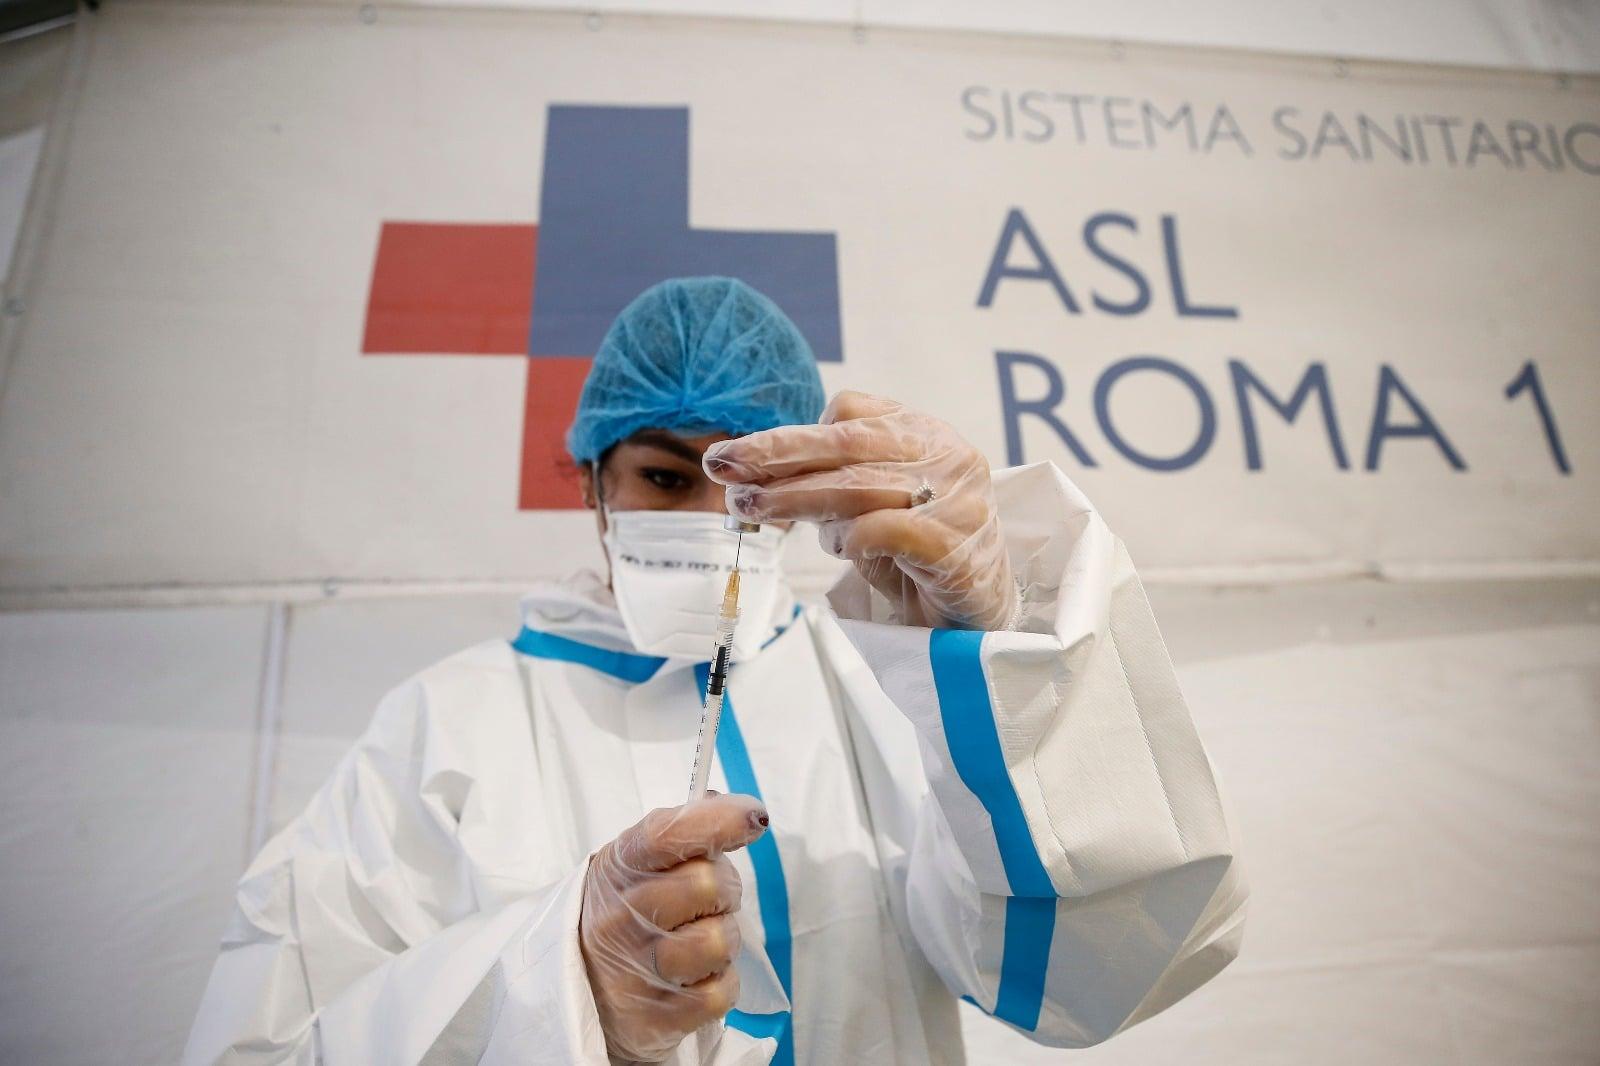 Vaccini anticovid (foto dalla pagina Facebook della Asl Roma 1)